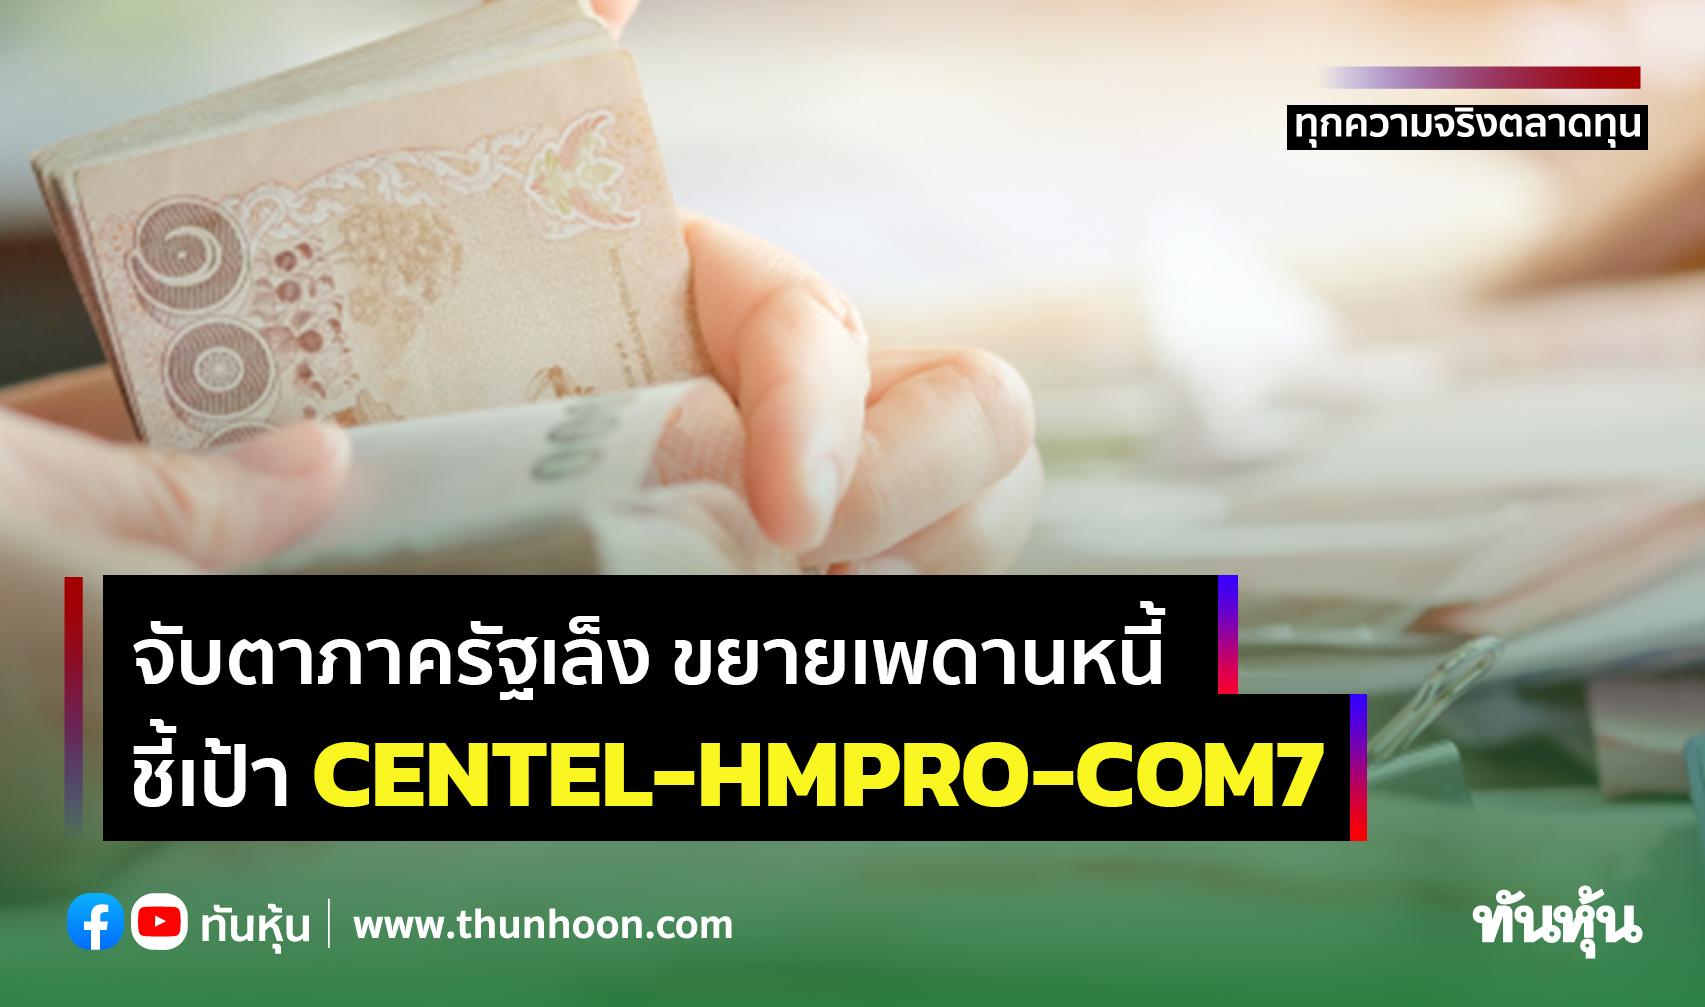 จับตาภาครัฐเล็งขยายเพดานหนี้ ชี้เป้าCENTEL-HMPRO-COM7